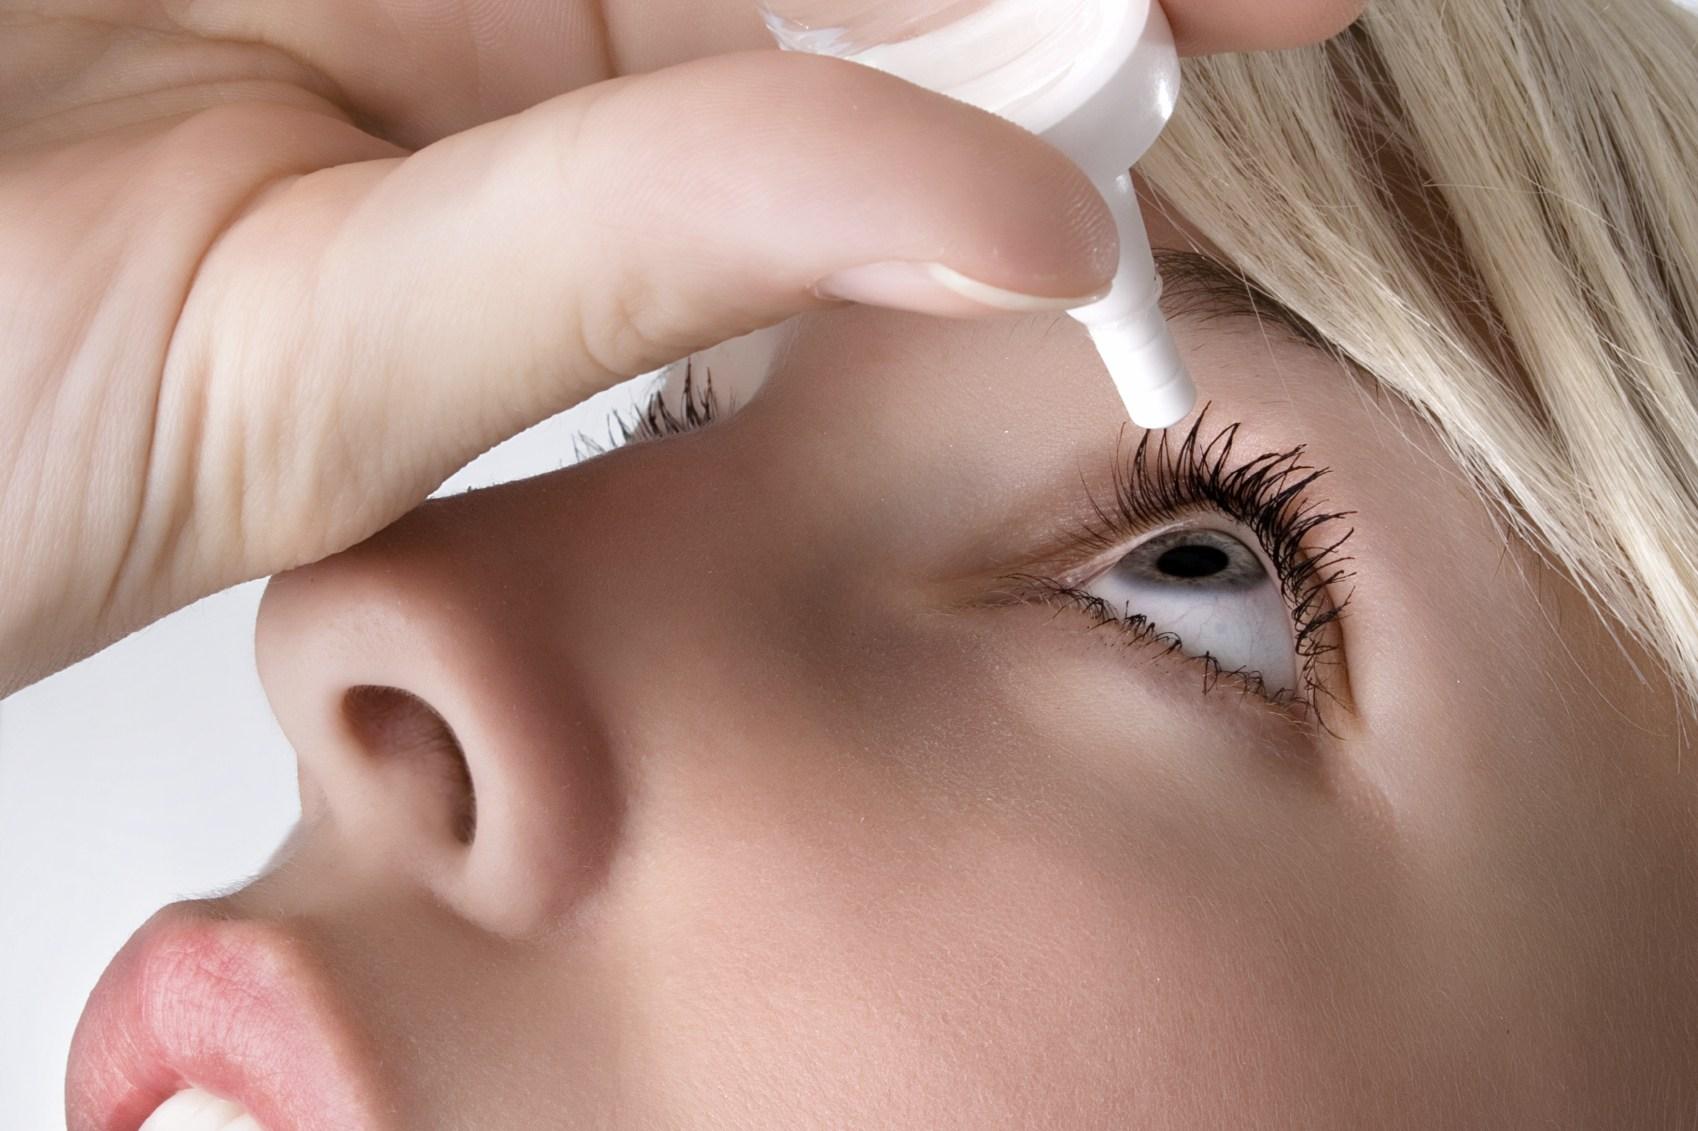 Действующие вещества антигистаминных капель для глаз блокируют высвобождение гистамина, препятствуют его выходу в межклеточное пространство, подавляют активность тучных клеток, участвующих в формировании аллергических реакций